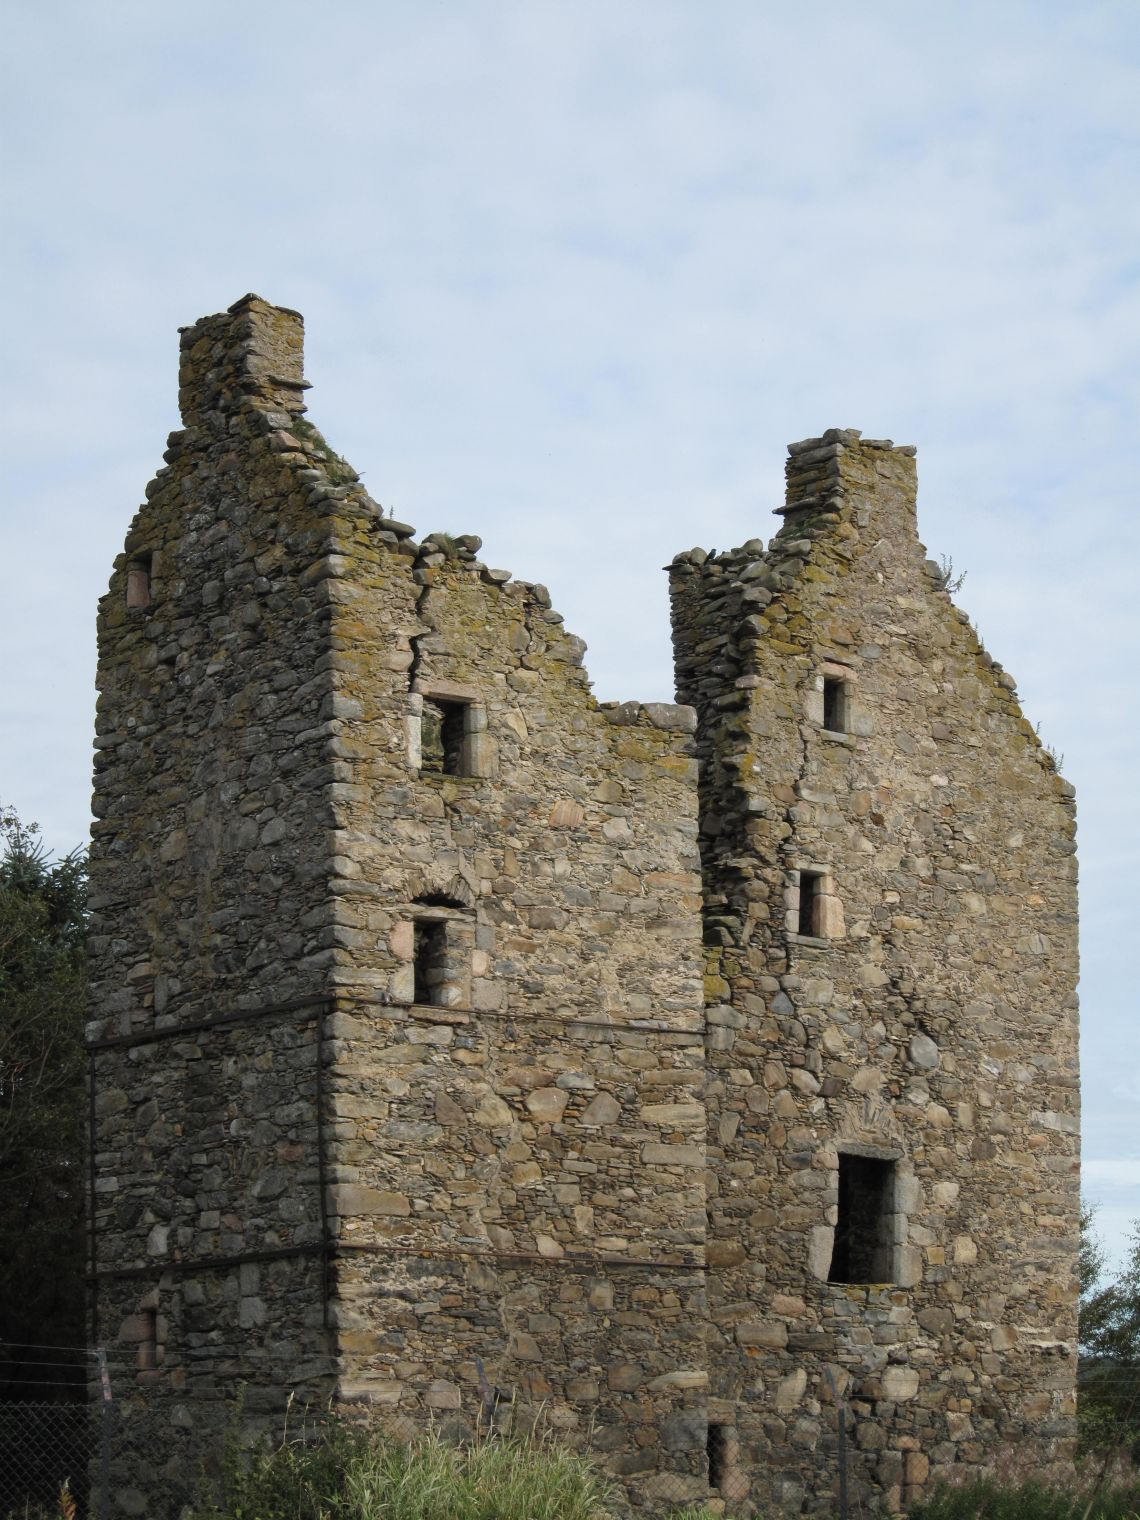 Blairfindy Castle, Moray